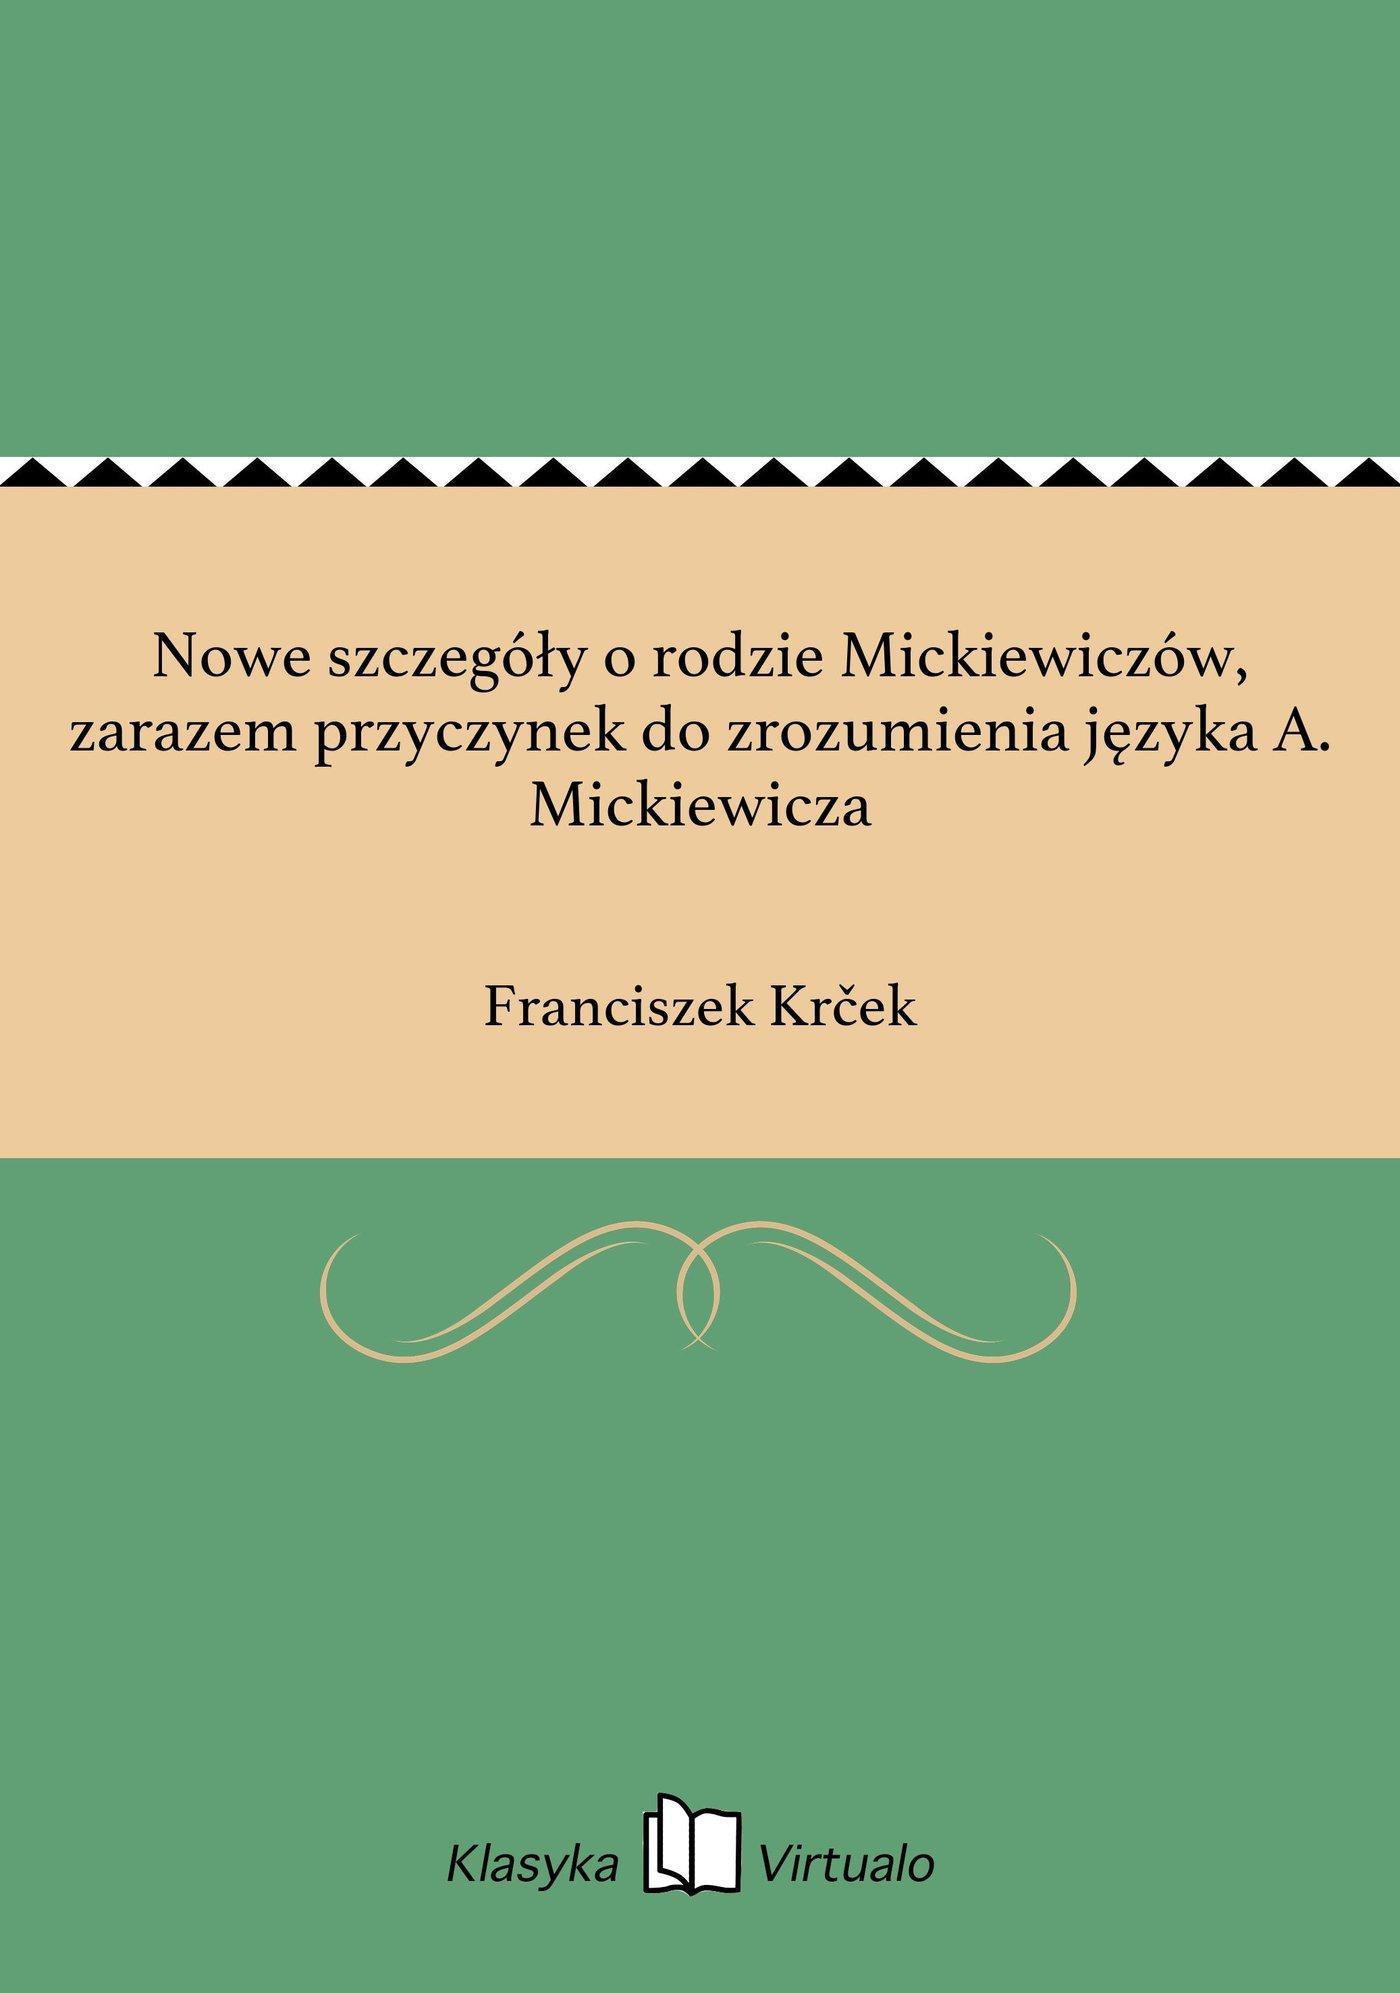 Nowe szczegóły o rodzie Mickiewiczów, zarazem przyczynek do zrozumienia języka A. Mickiewicza - Ebook (Książka EPUB) do pobrania w formacie EPUB